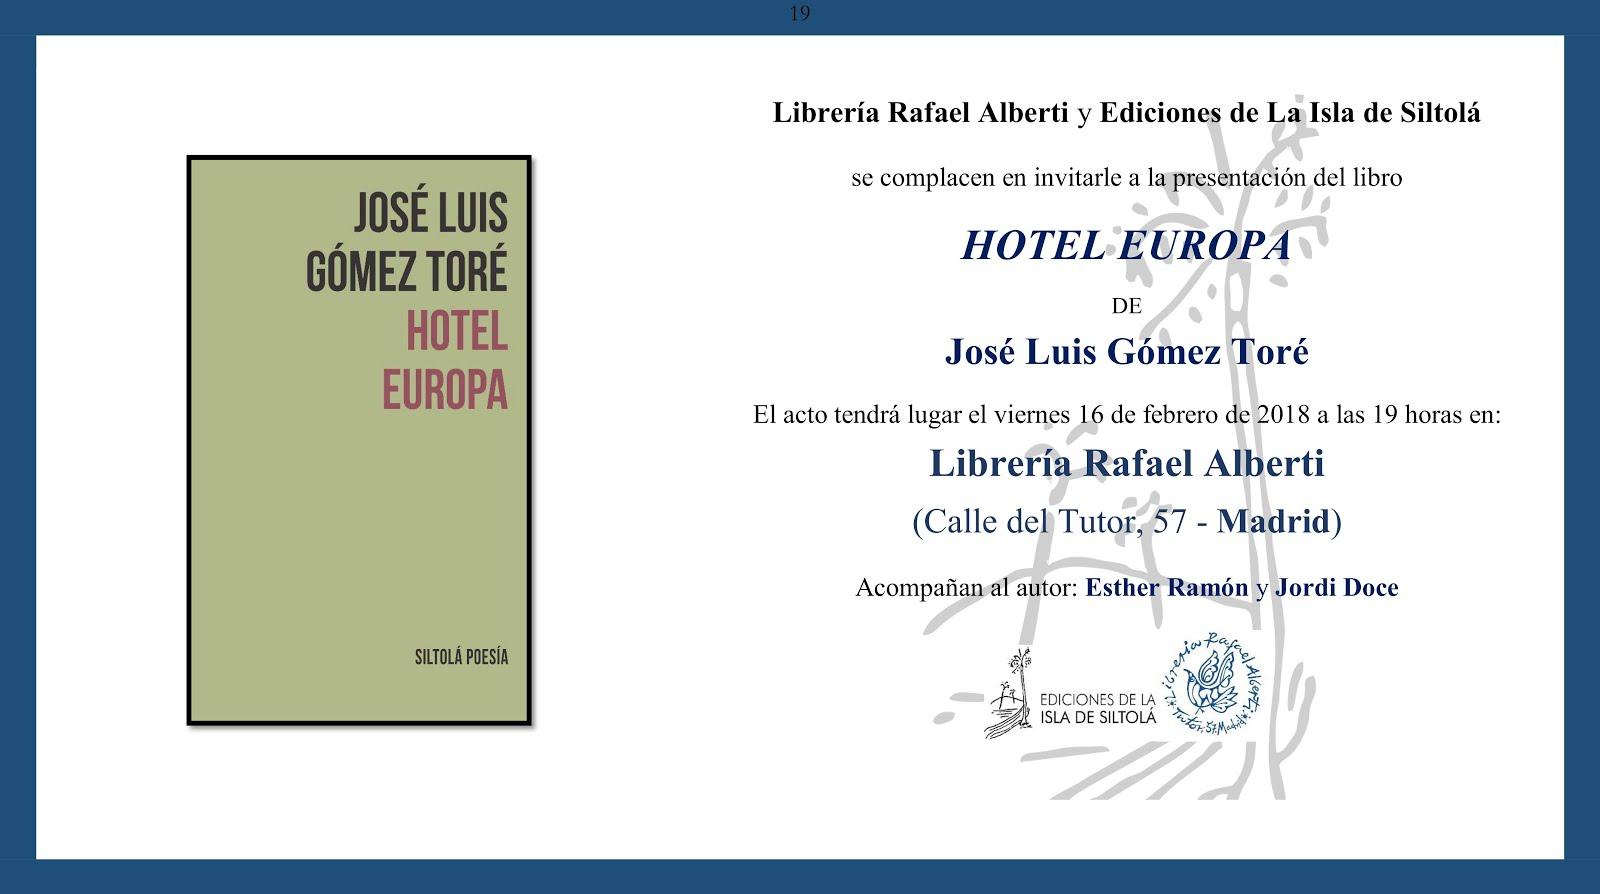 PRESENTACIÓN DEL LIBRO HOTEL EUROPA